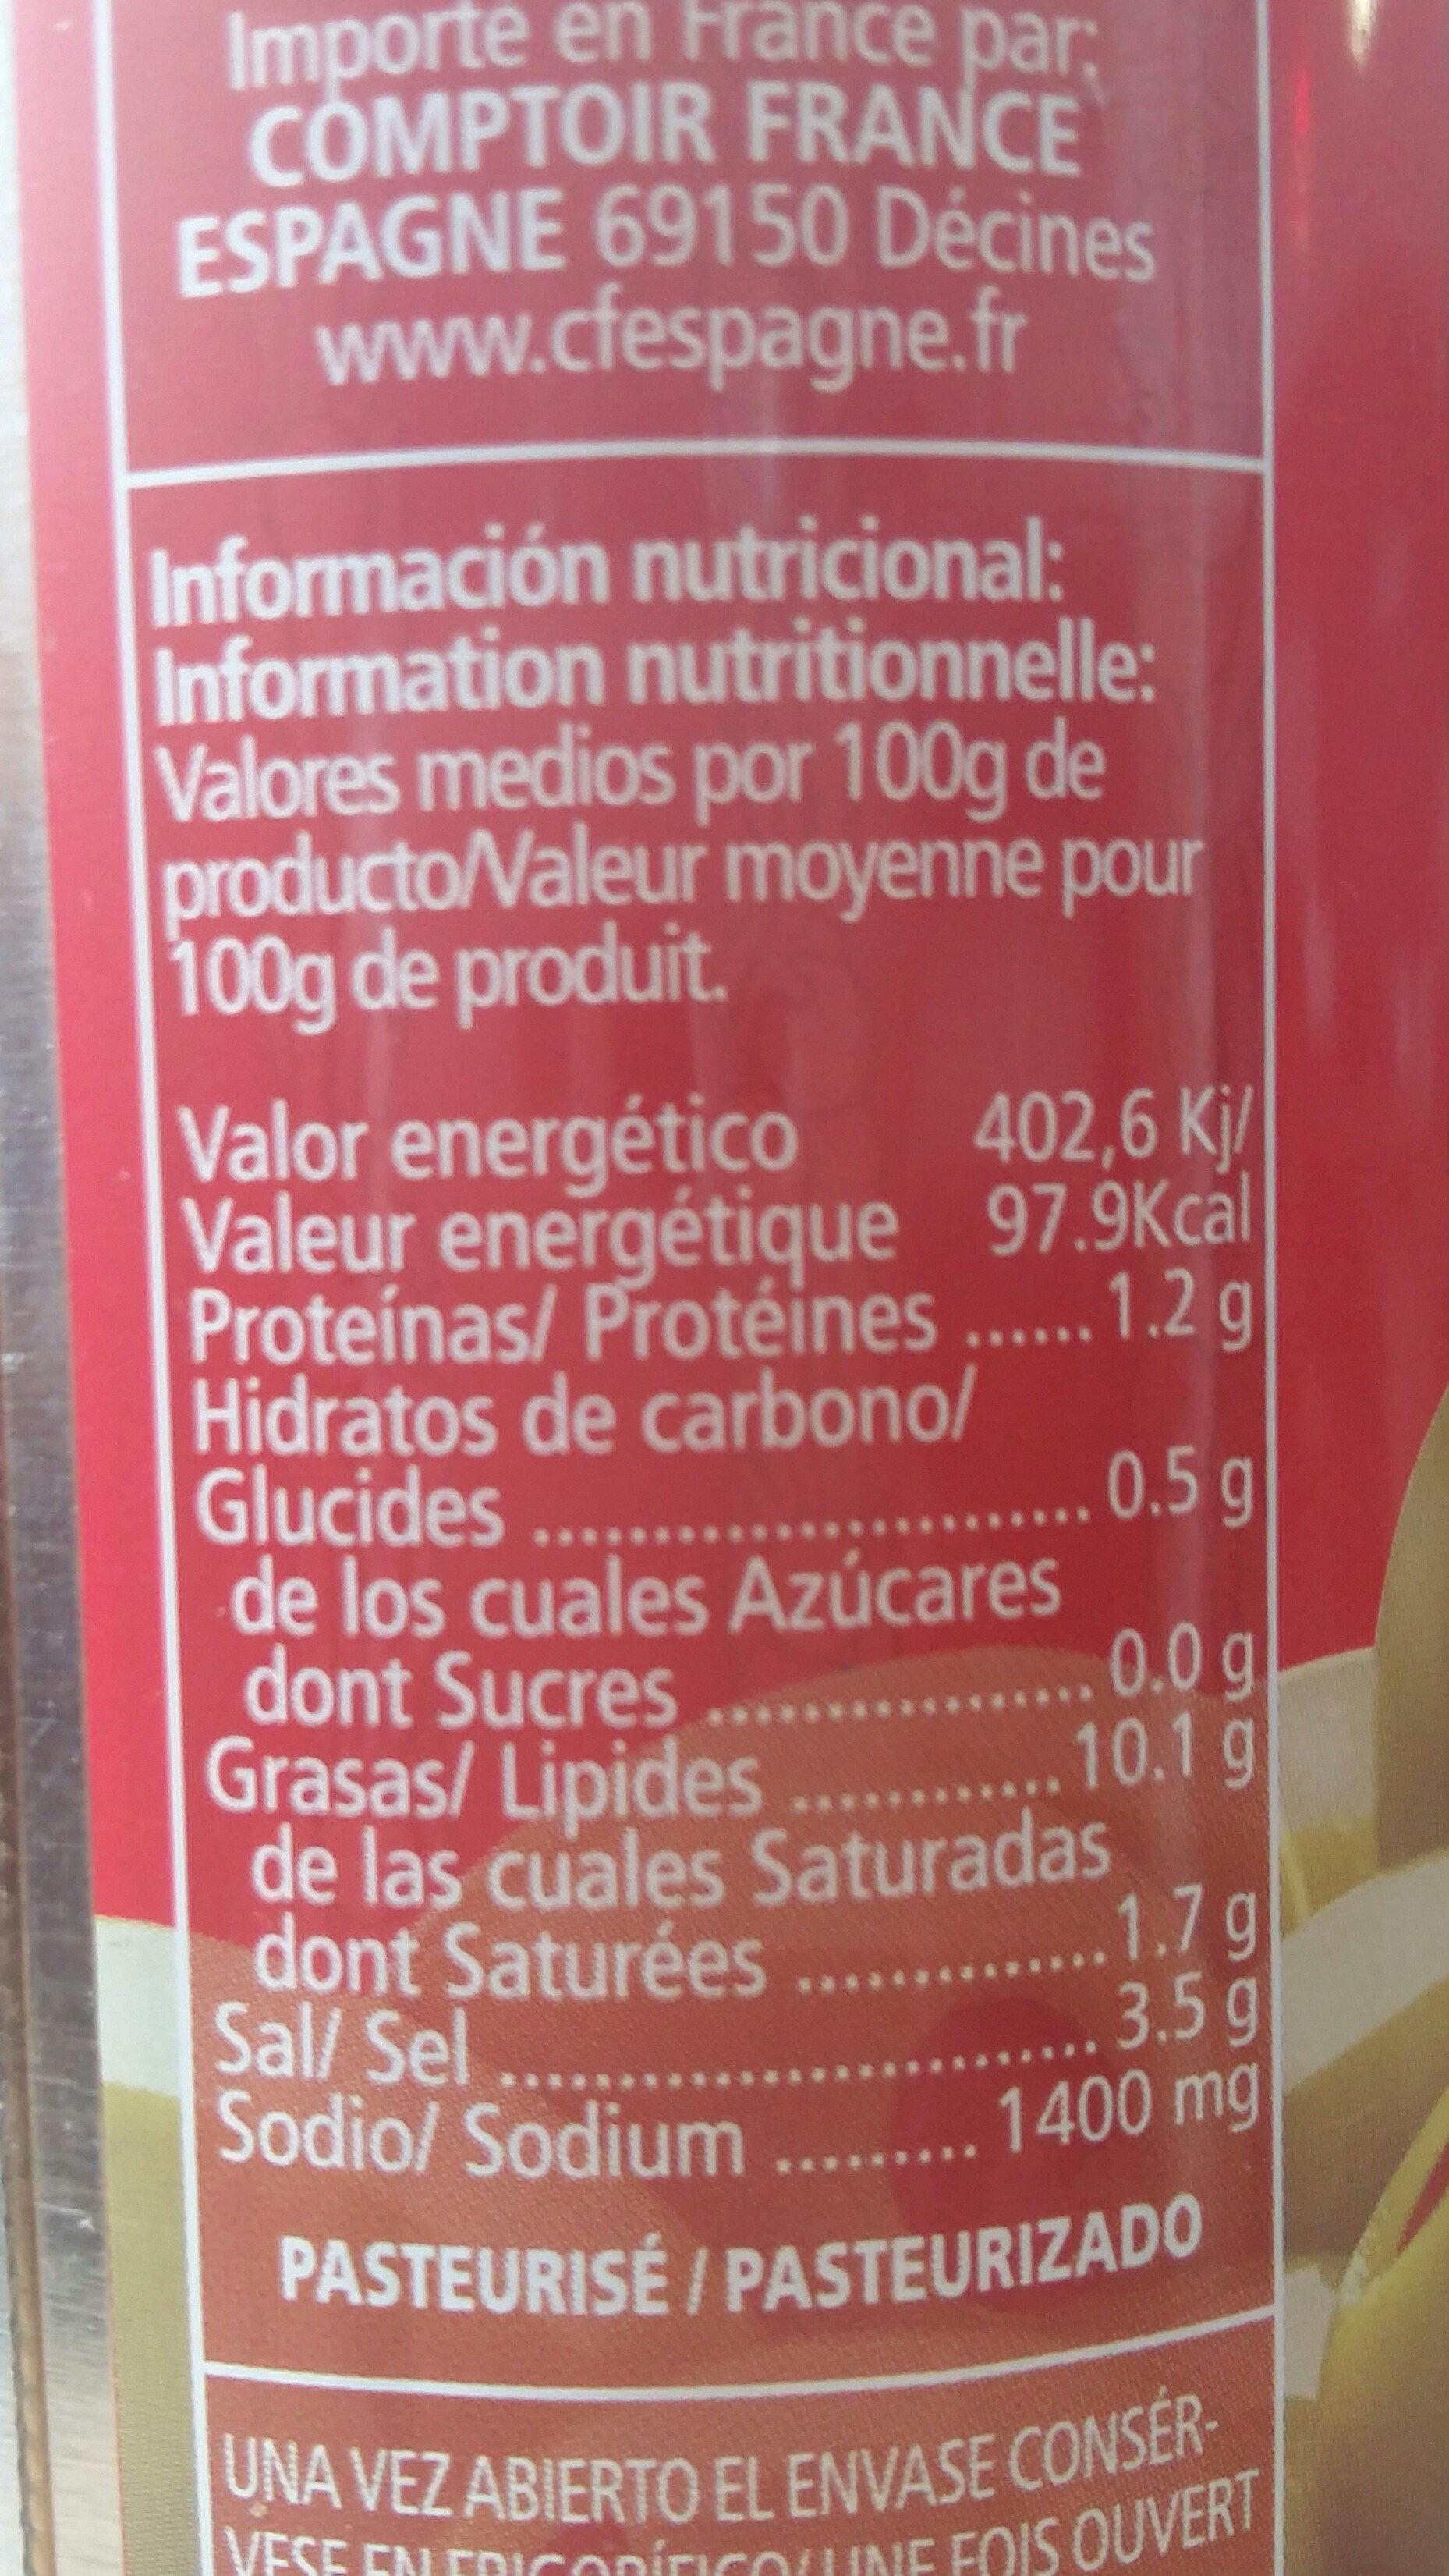 Aceitunas rellenas de pimiento - Informations nutritionnelles - fr